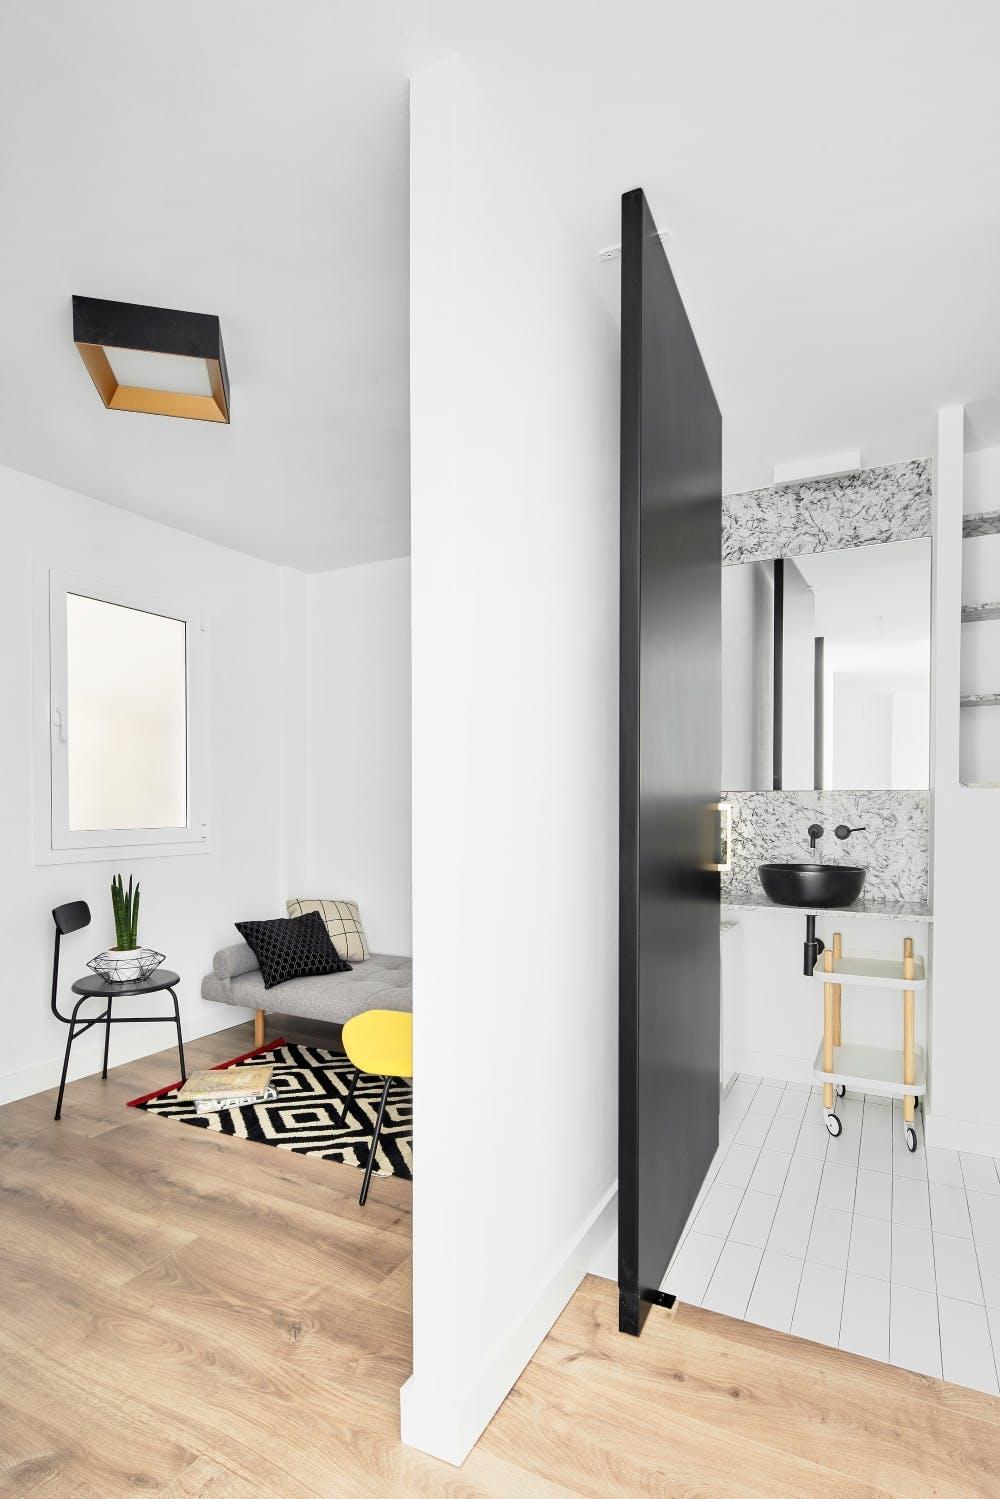 Image of 6ART in Espacios conectados que crean un hogar abierto y luminoso - Cosentino